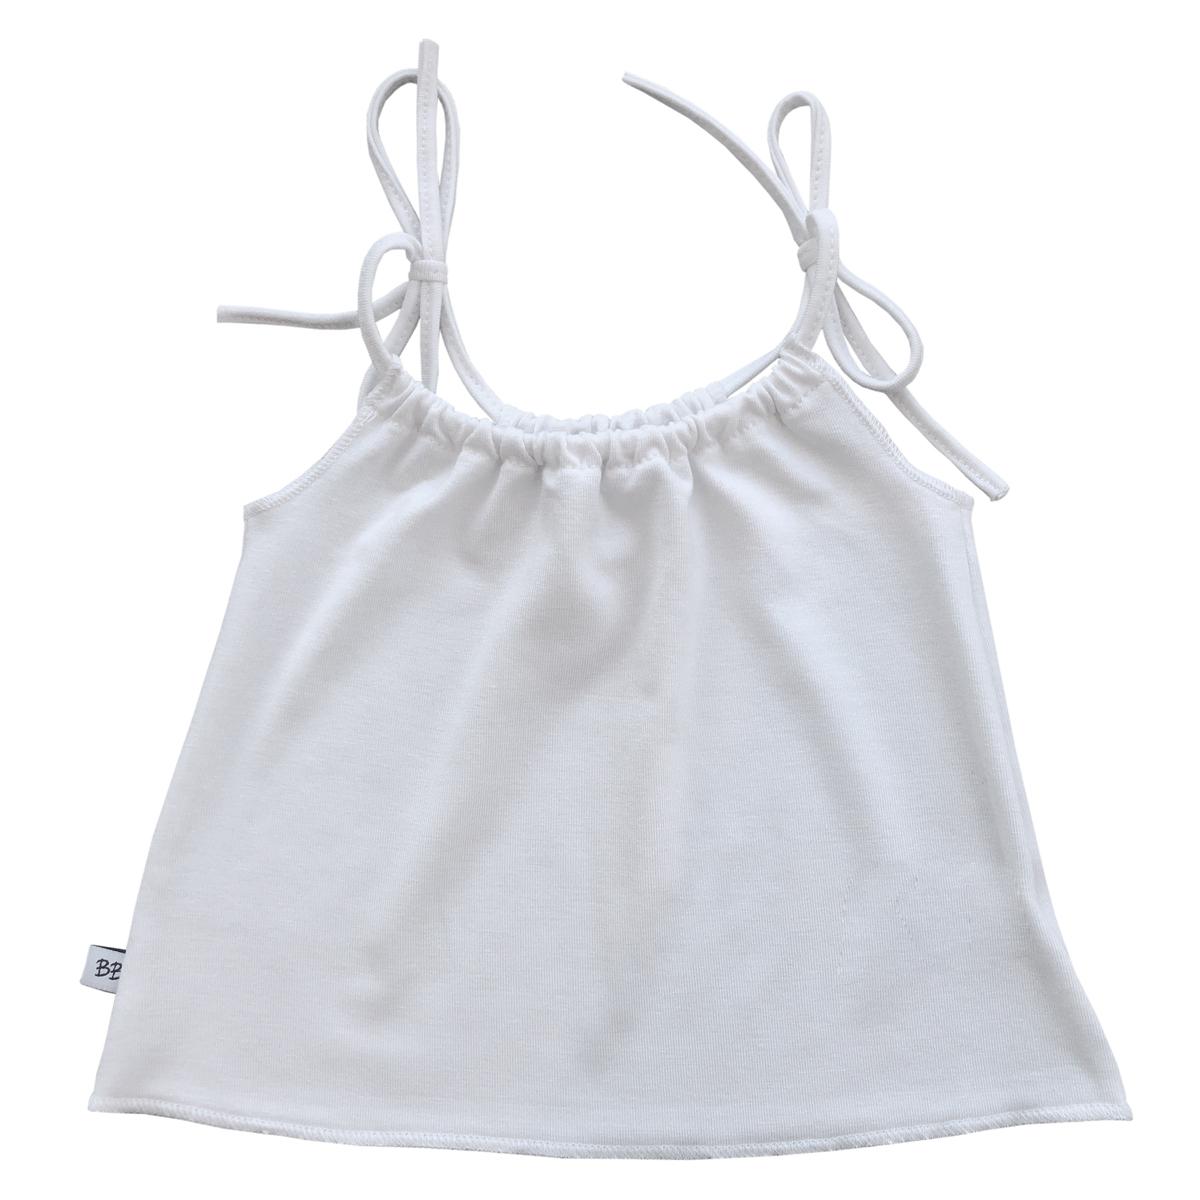 Haut bébé Débardeur Fines Bretelles Blanc - 18 Mois